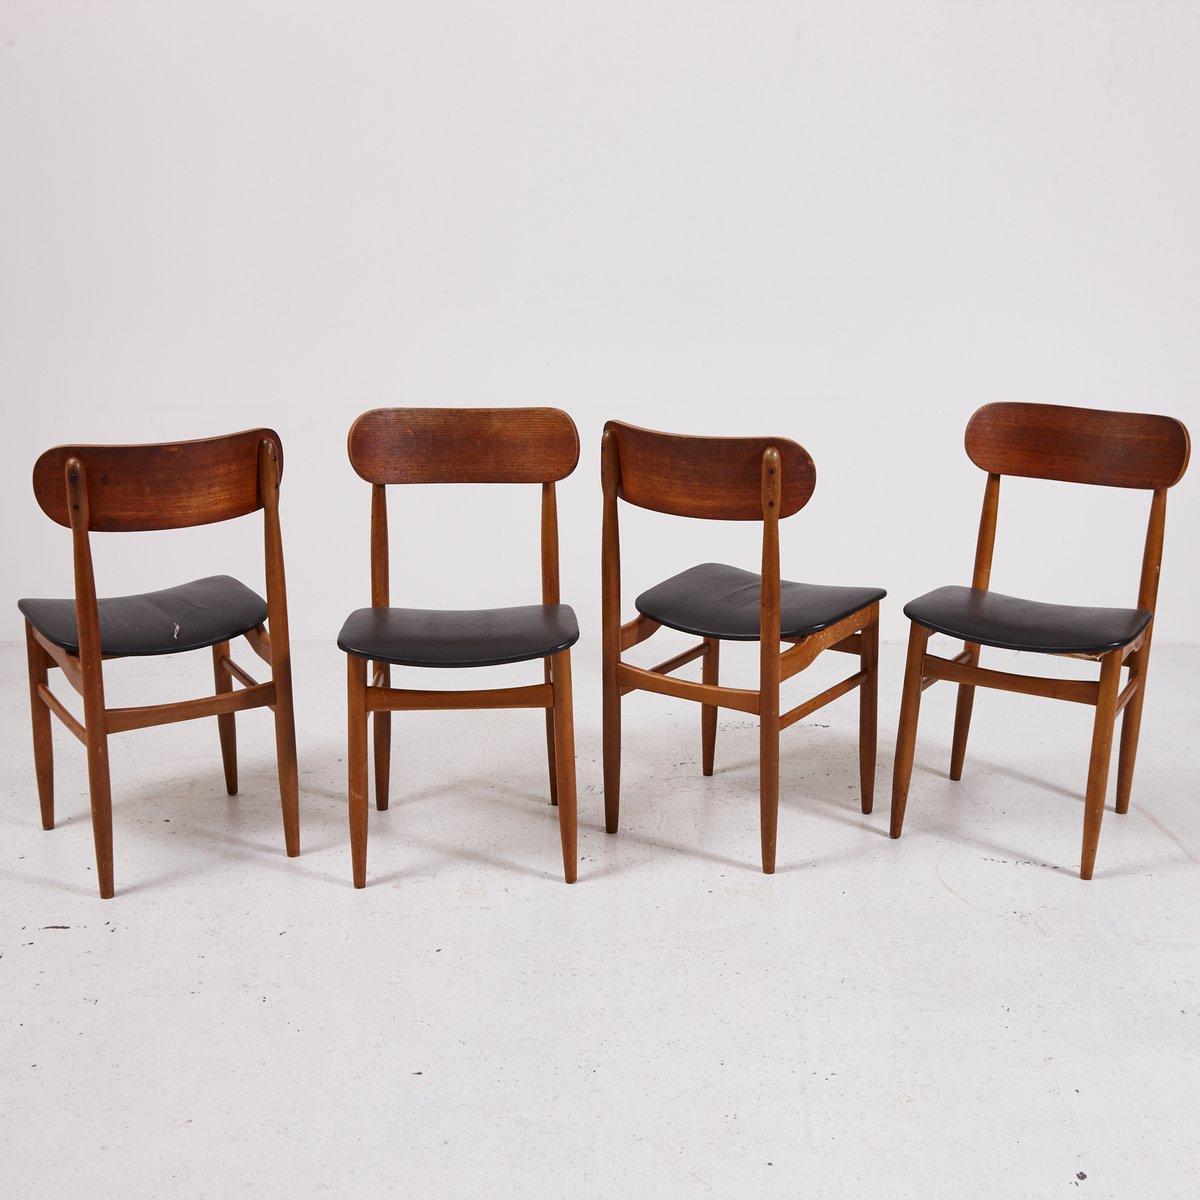 teak esszimmerst hle von gessef 1990er 4er set bei pamono kaufen. Black Bedroom Furniture Sets. Home Design Ideas